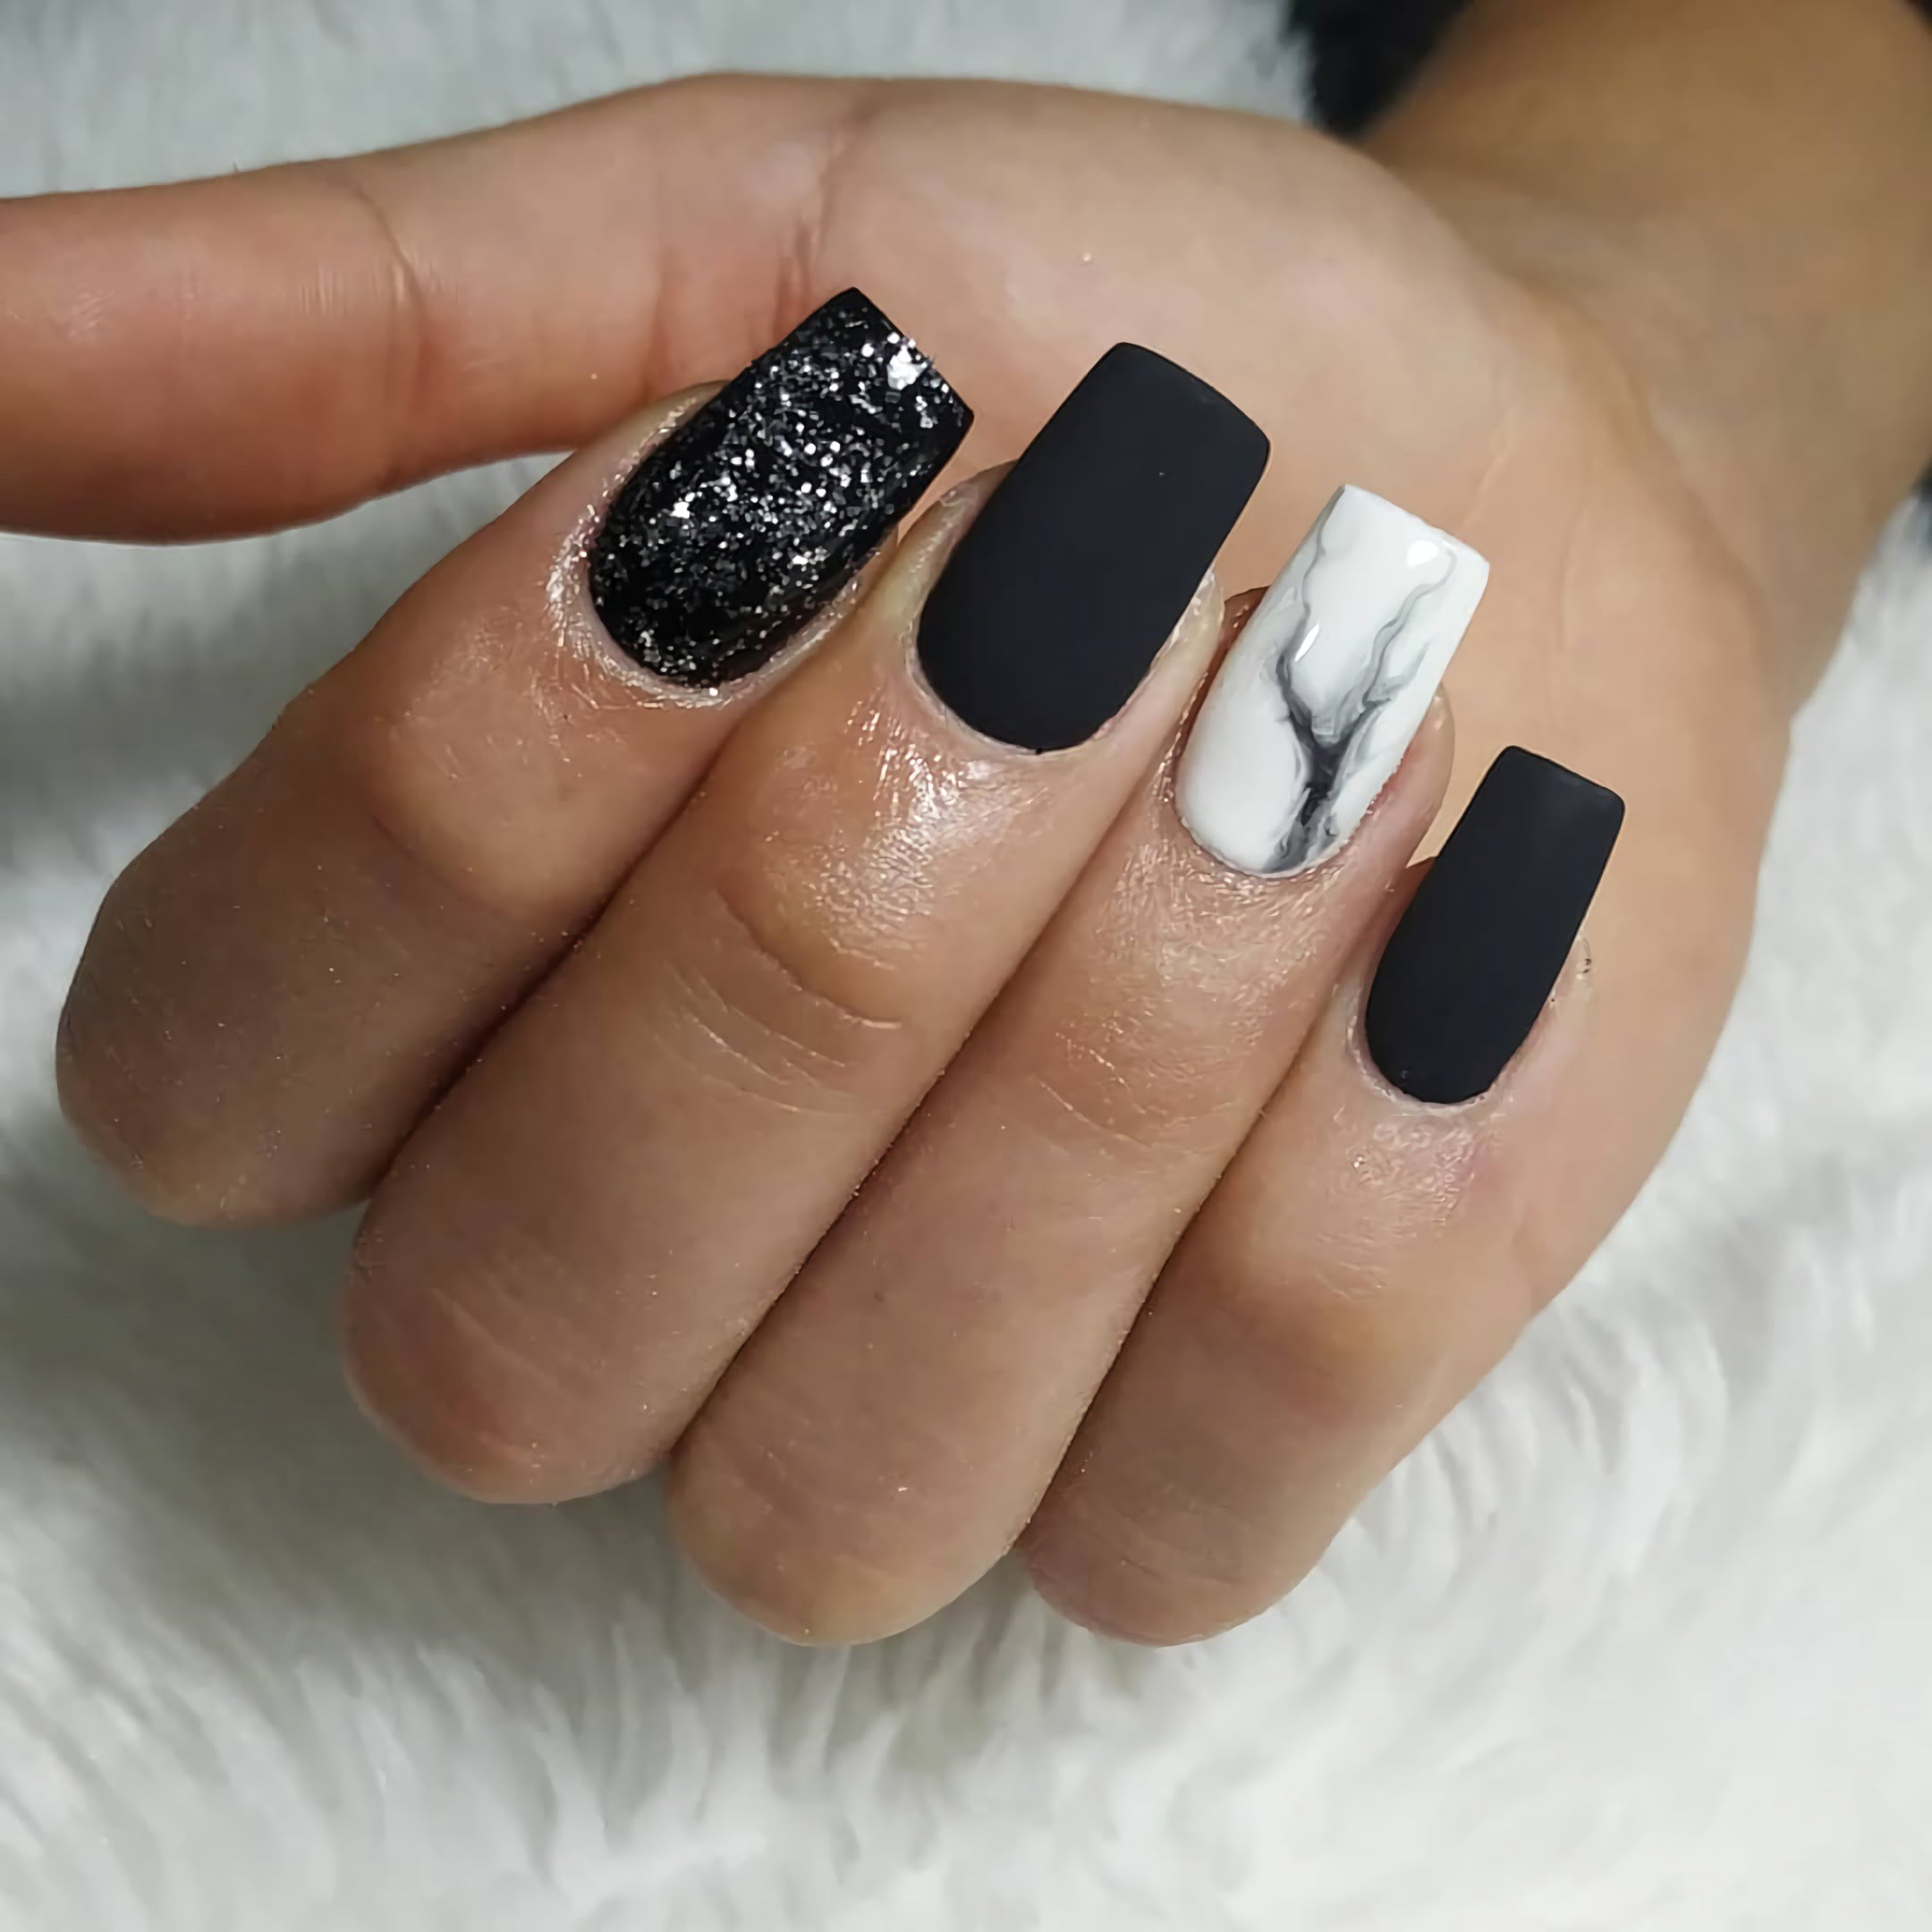 черные ногти с красивым маникюром с рисунком мрамора